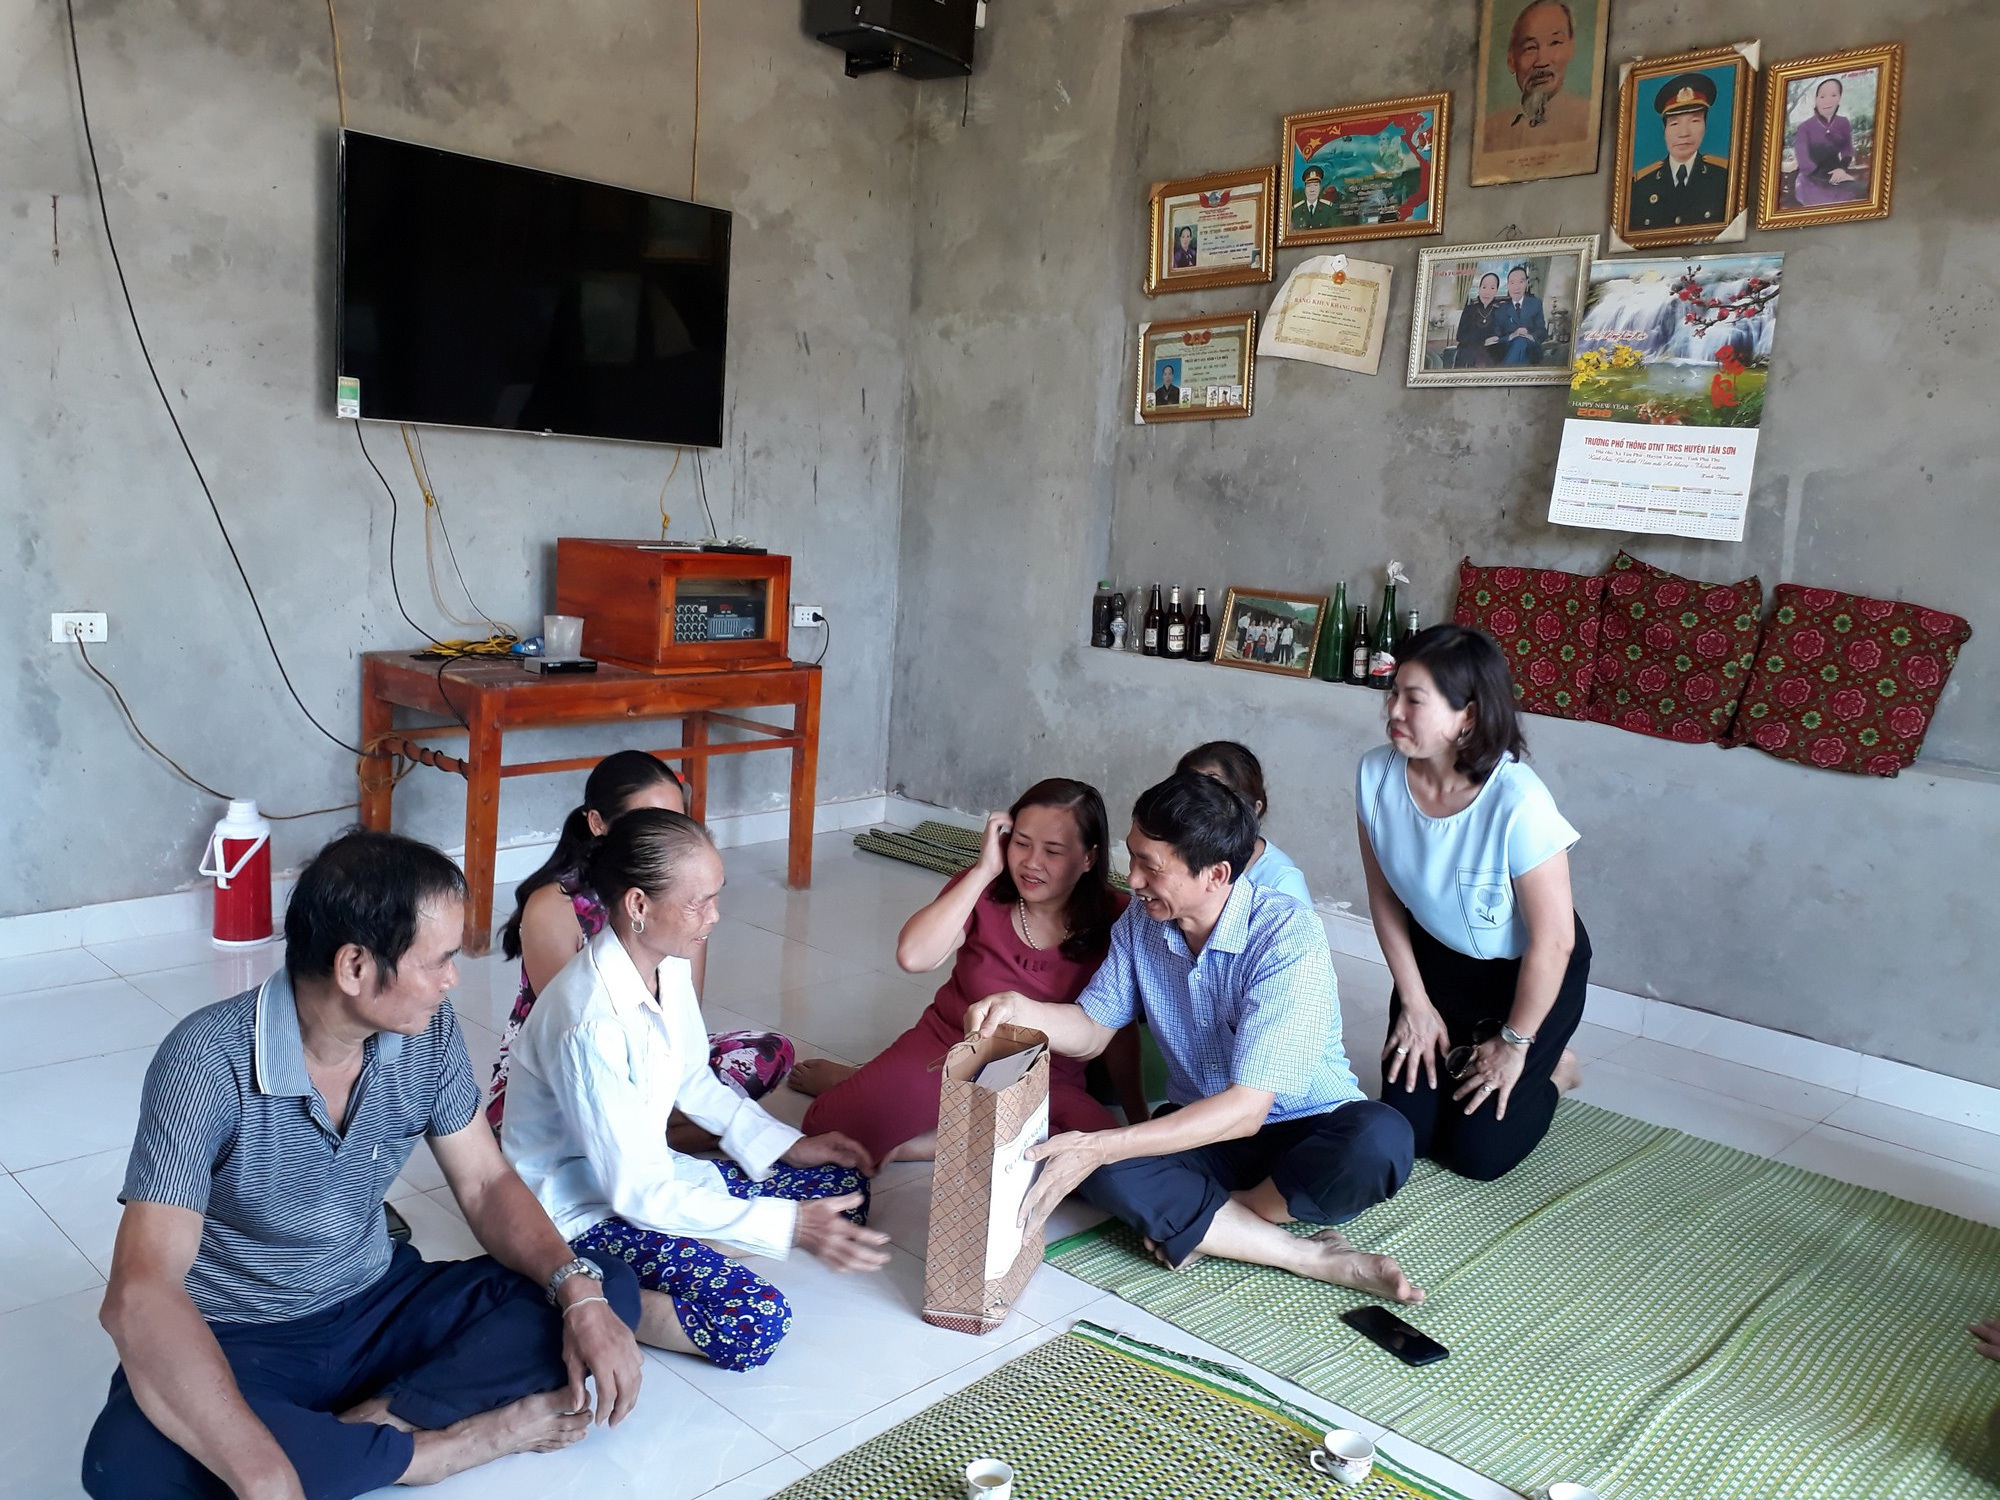 Nhiễm HIV cao gấp 2,5 lần, Phú Thọ mở rộng vùng xét nghiệm HIV miễn phí  - Ảnh 1.